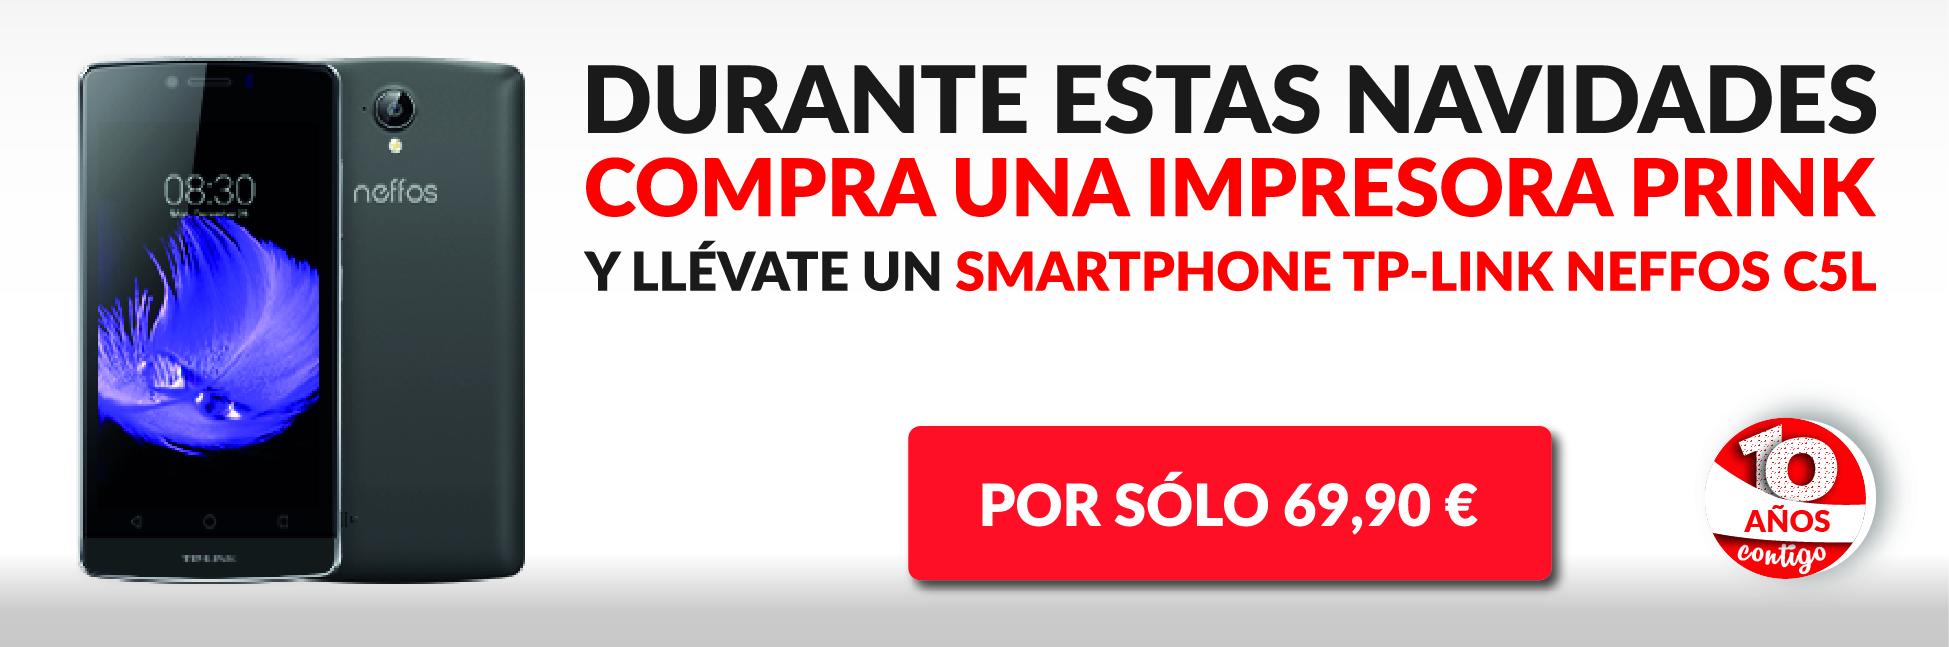 1920-X617-PROMO-SMARTPHONE-01